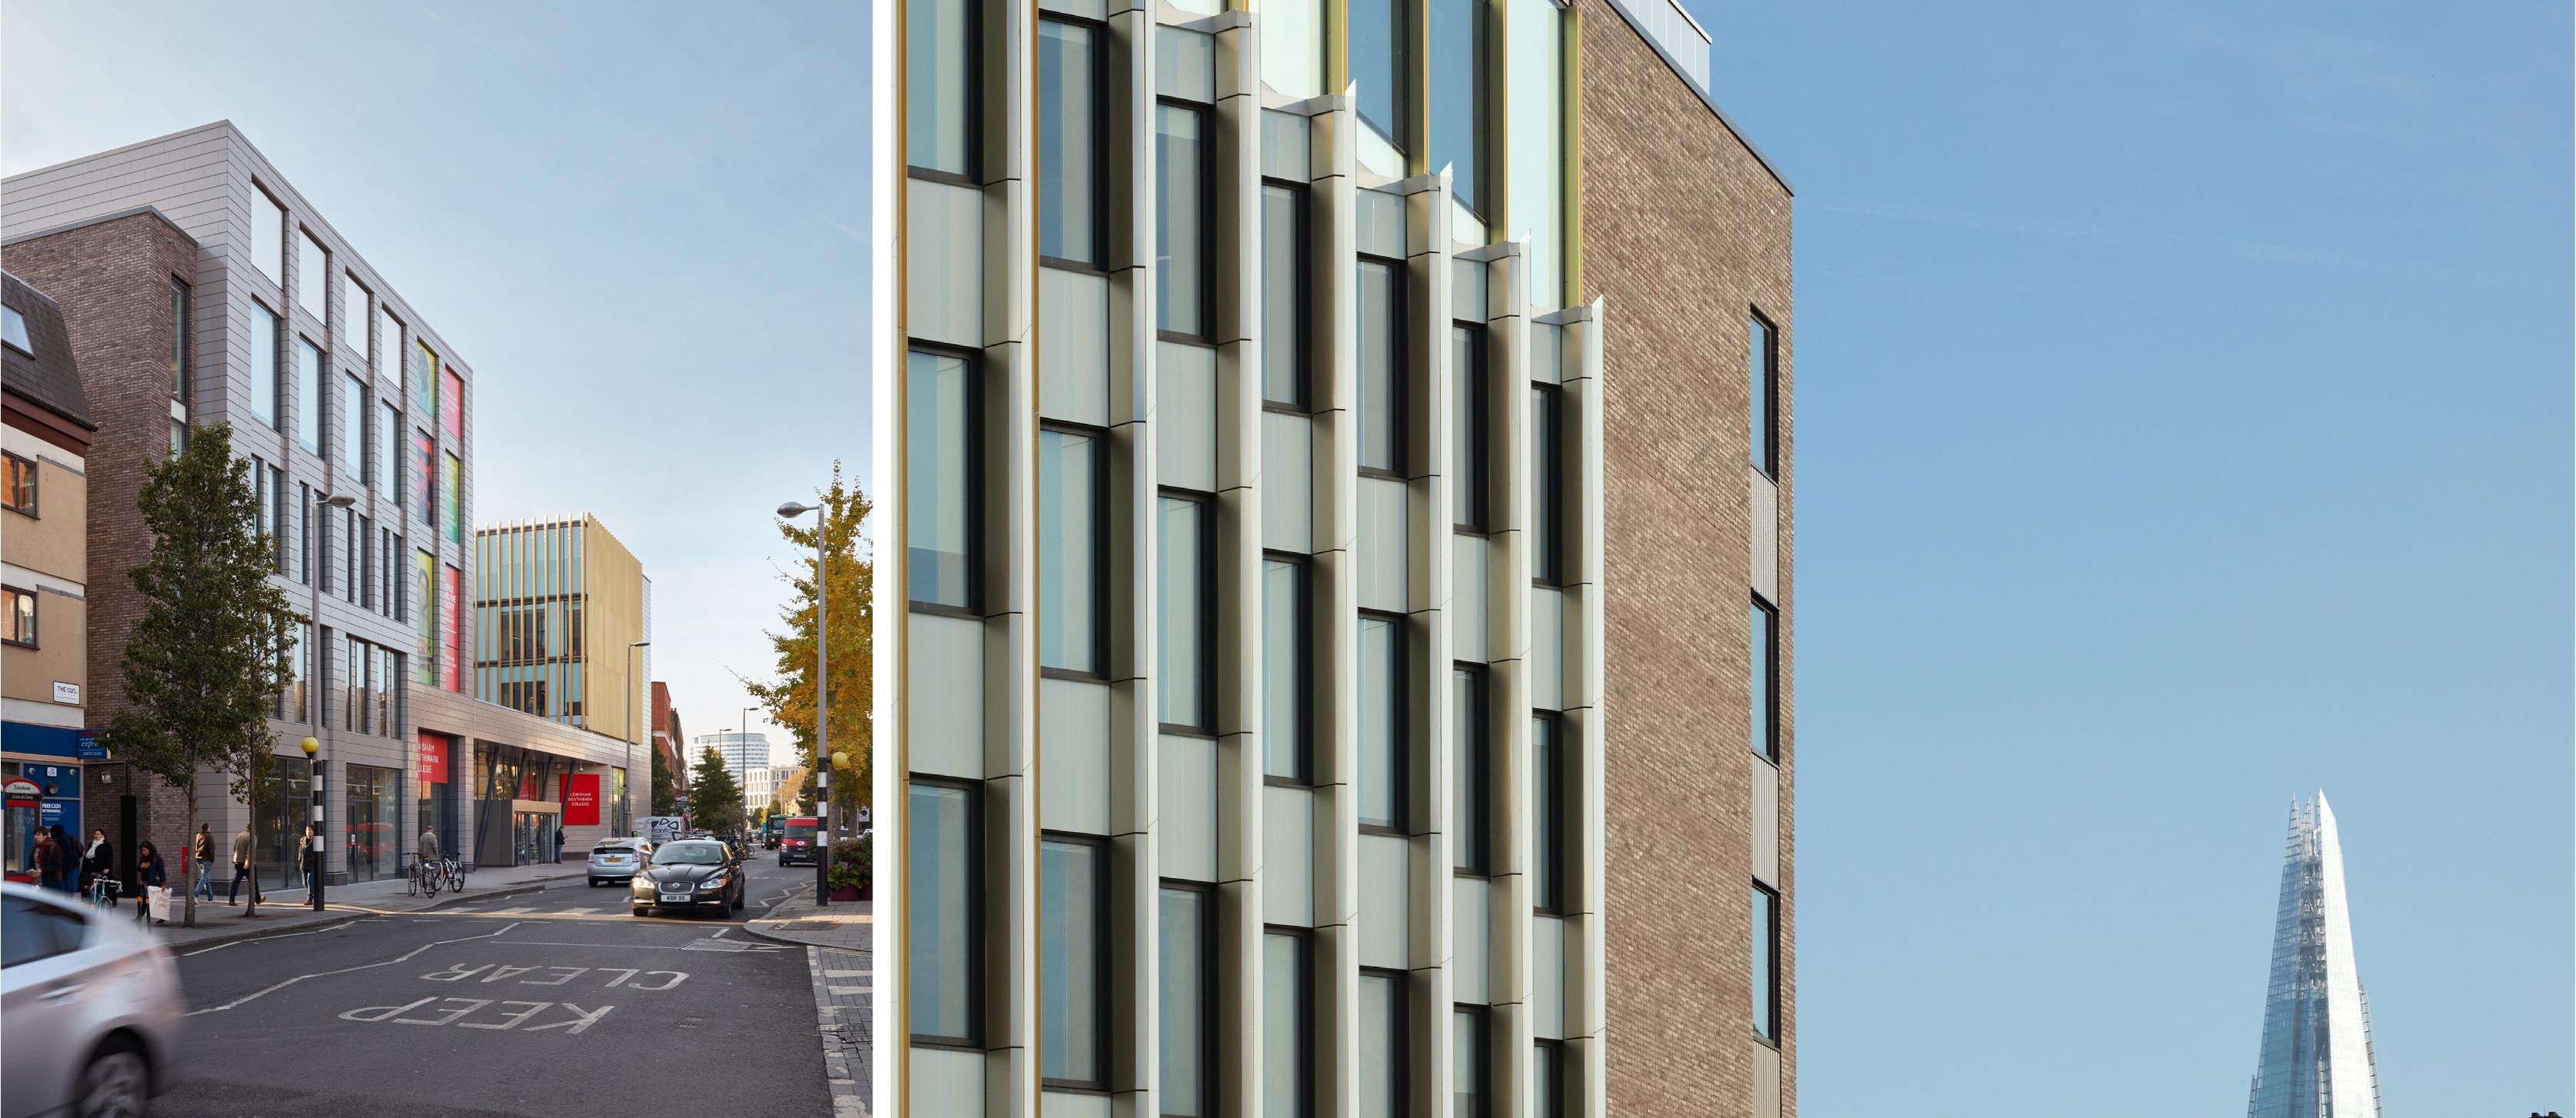 Lewisham Southwark College Phase 2 Now Operational